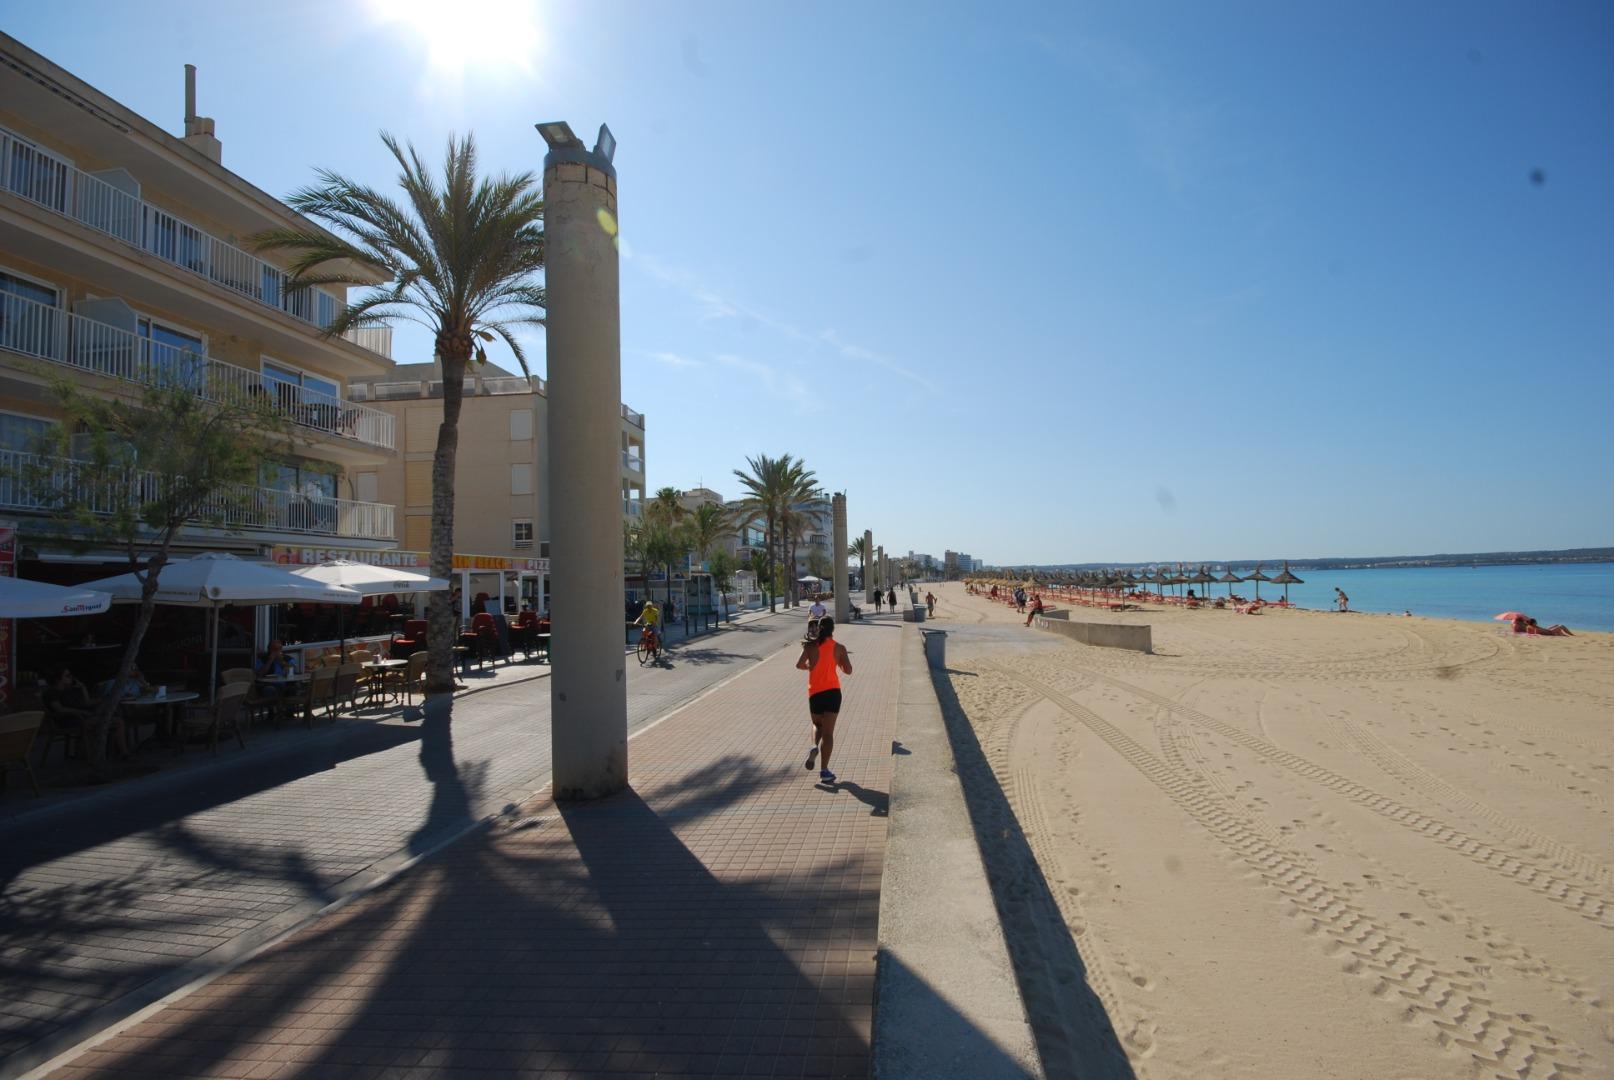 Garaje con vivienda anexa en Can Pastilla junto al paseo del mar y la playa. Ideal para negocio.